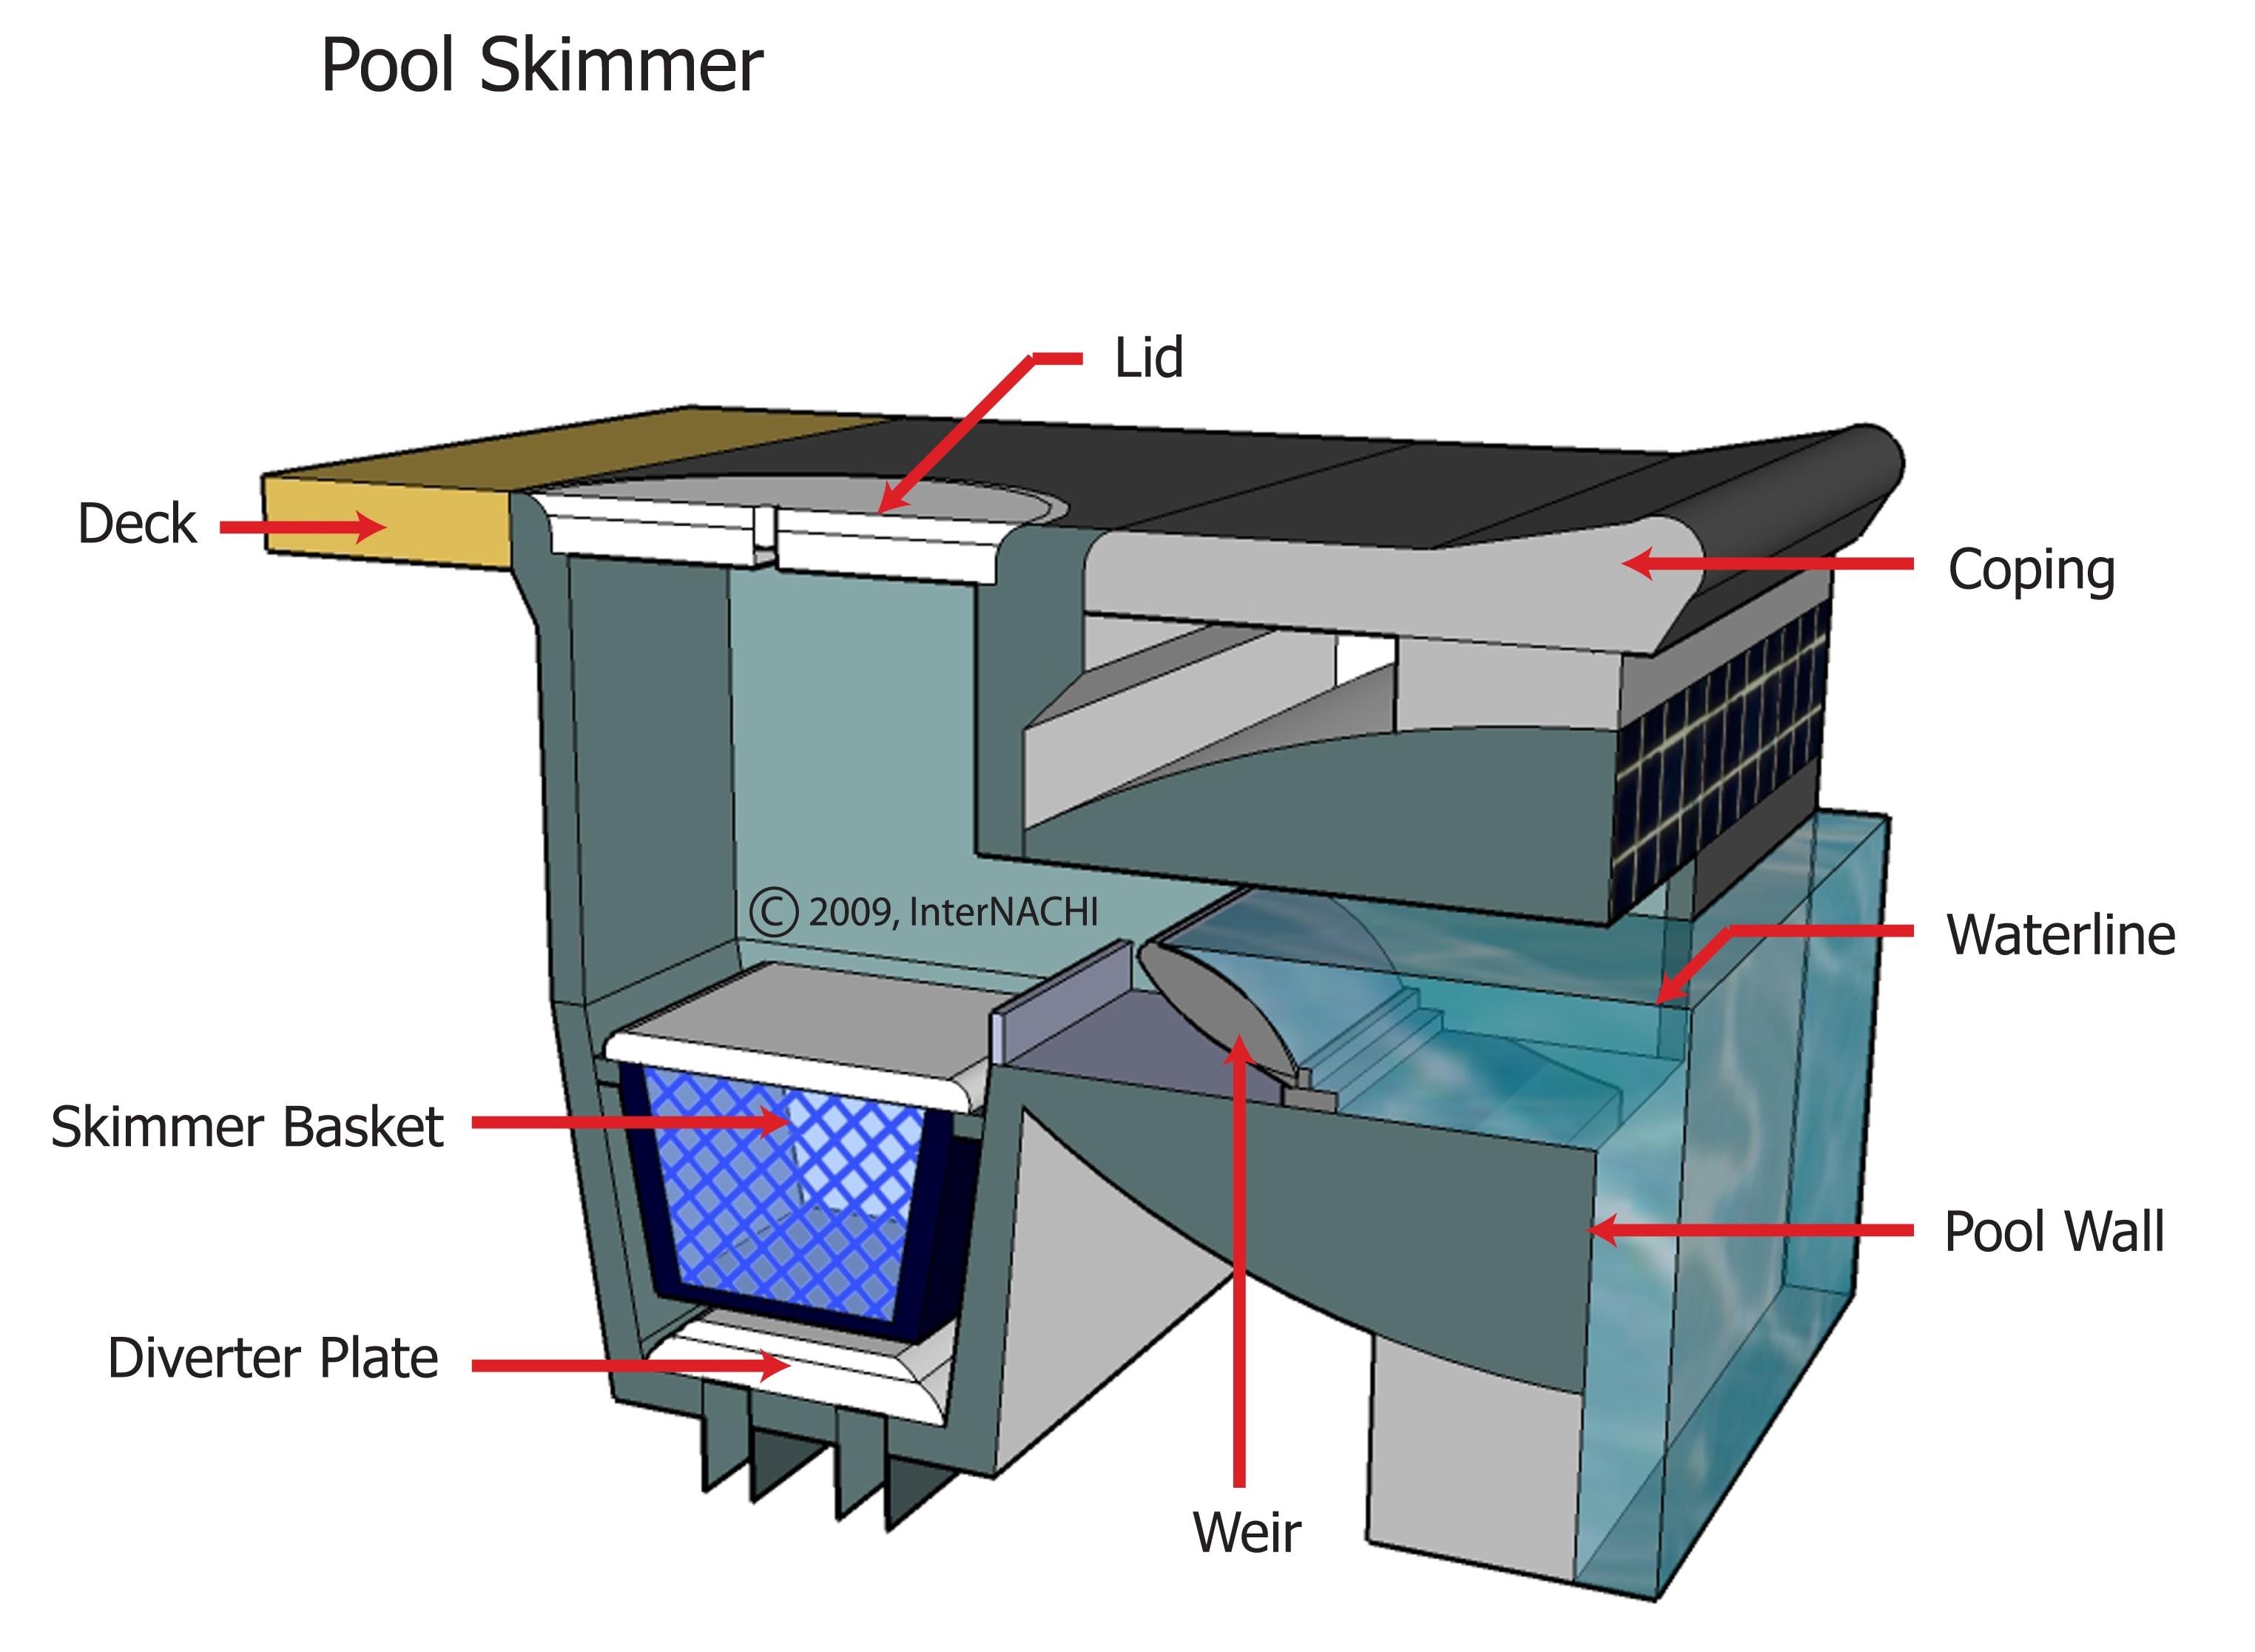 Pool skimmer.